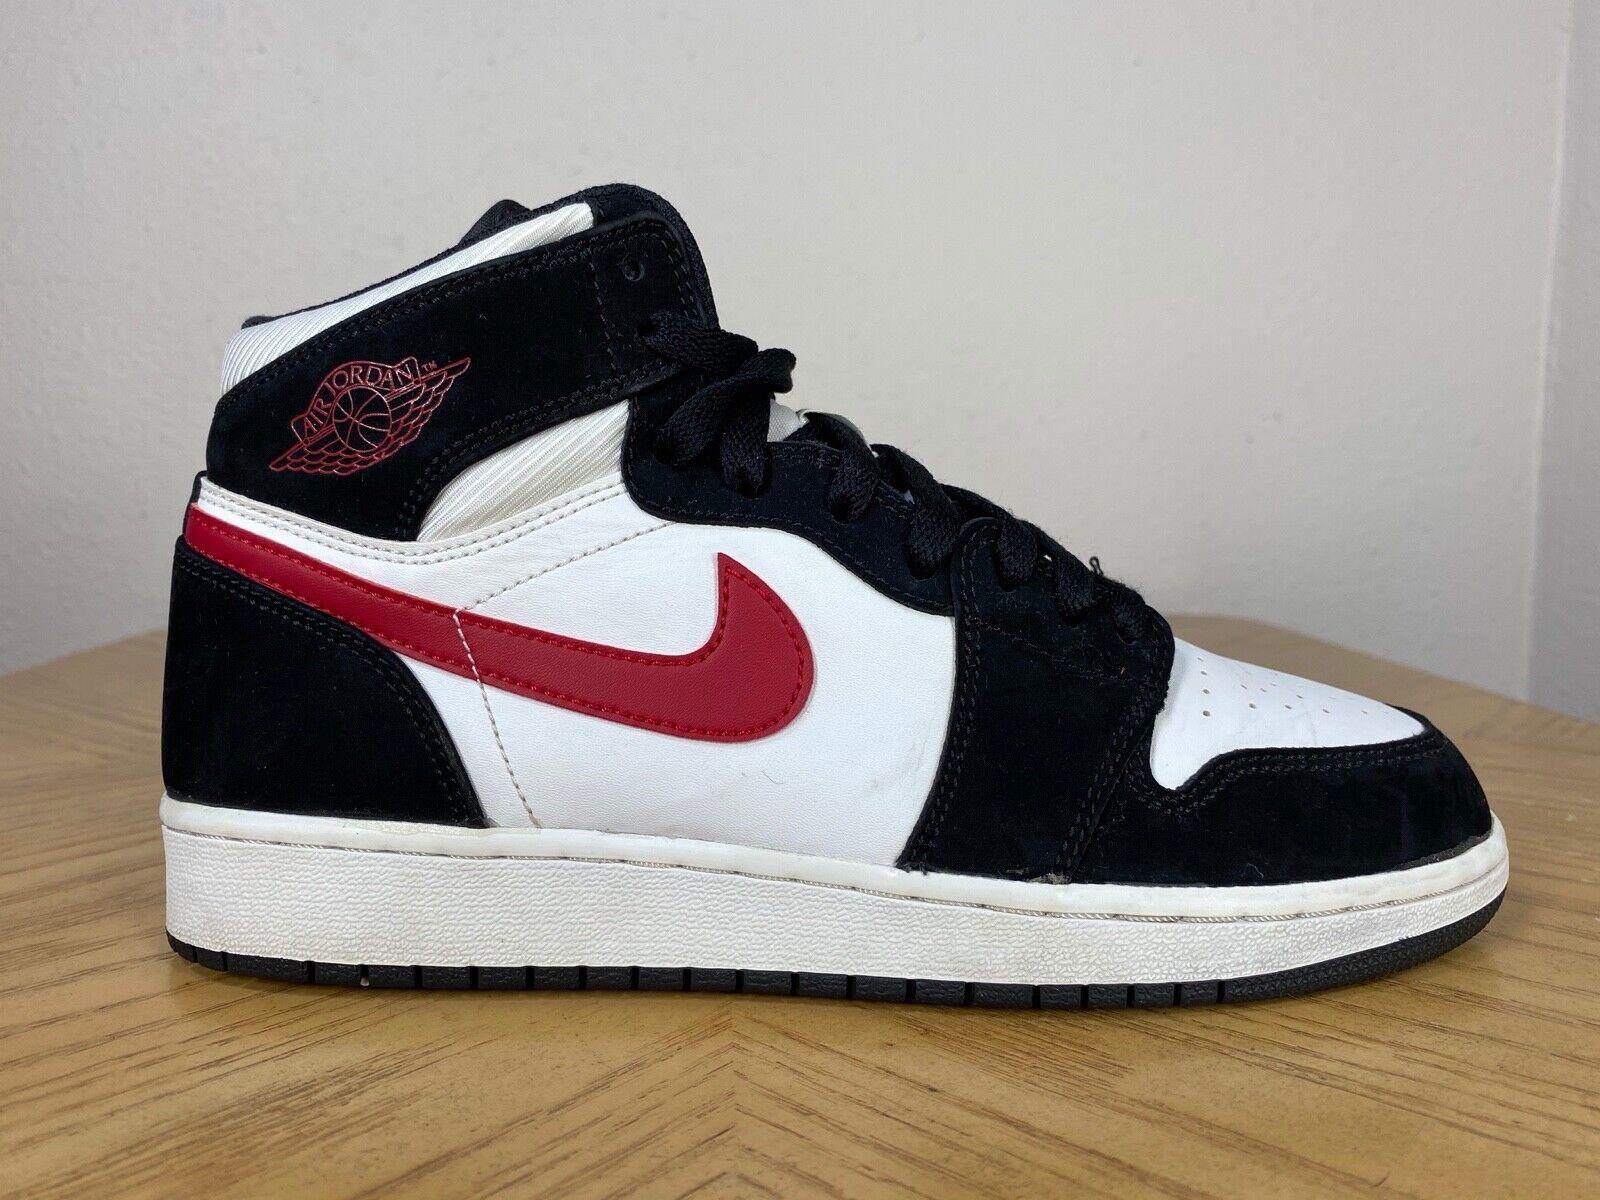 Nike Air Jordan 1 Retro OG High BG Kids